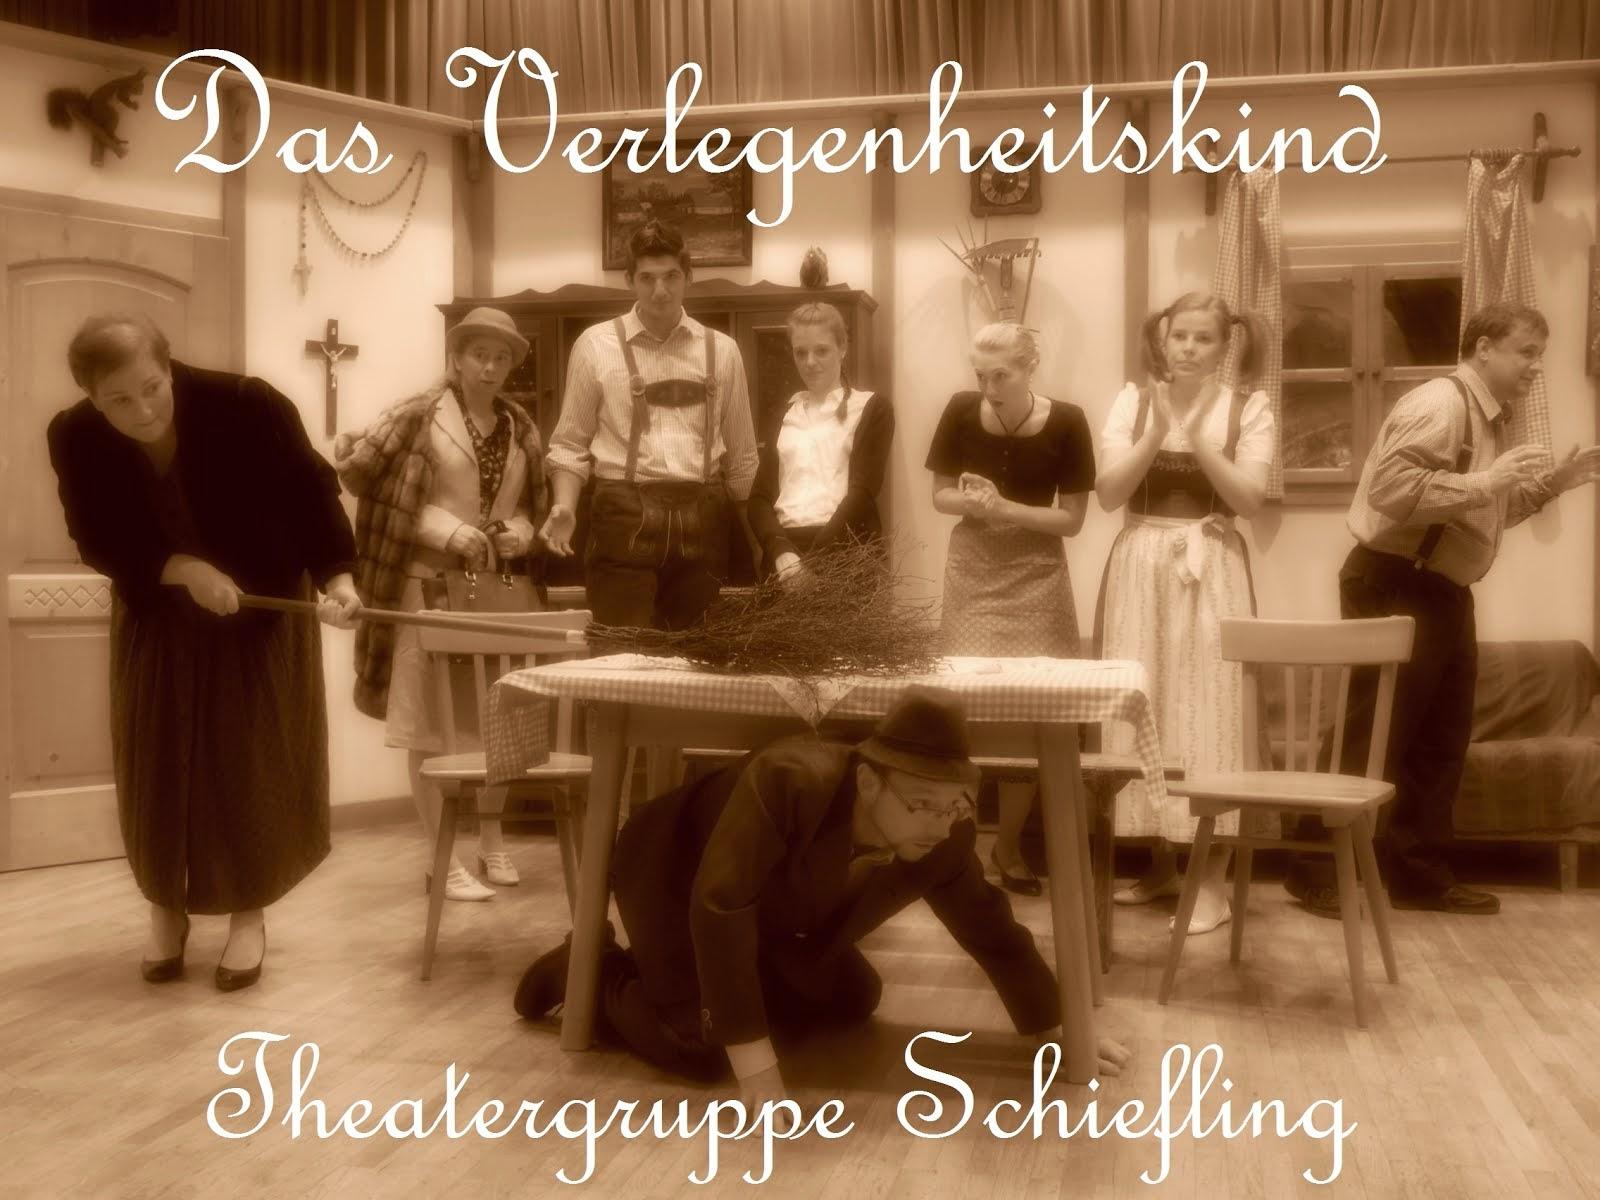 Theater im Leonharder Kulturheim (Bericht folgt noch diese Woche - i bin a bißl im Streß ;) )